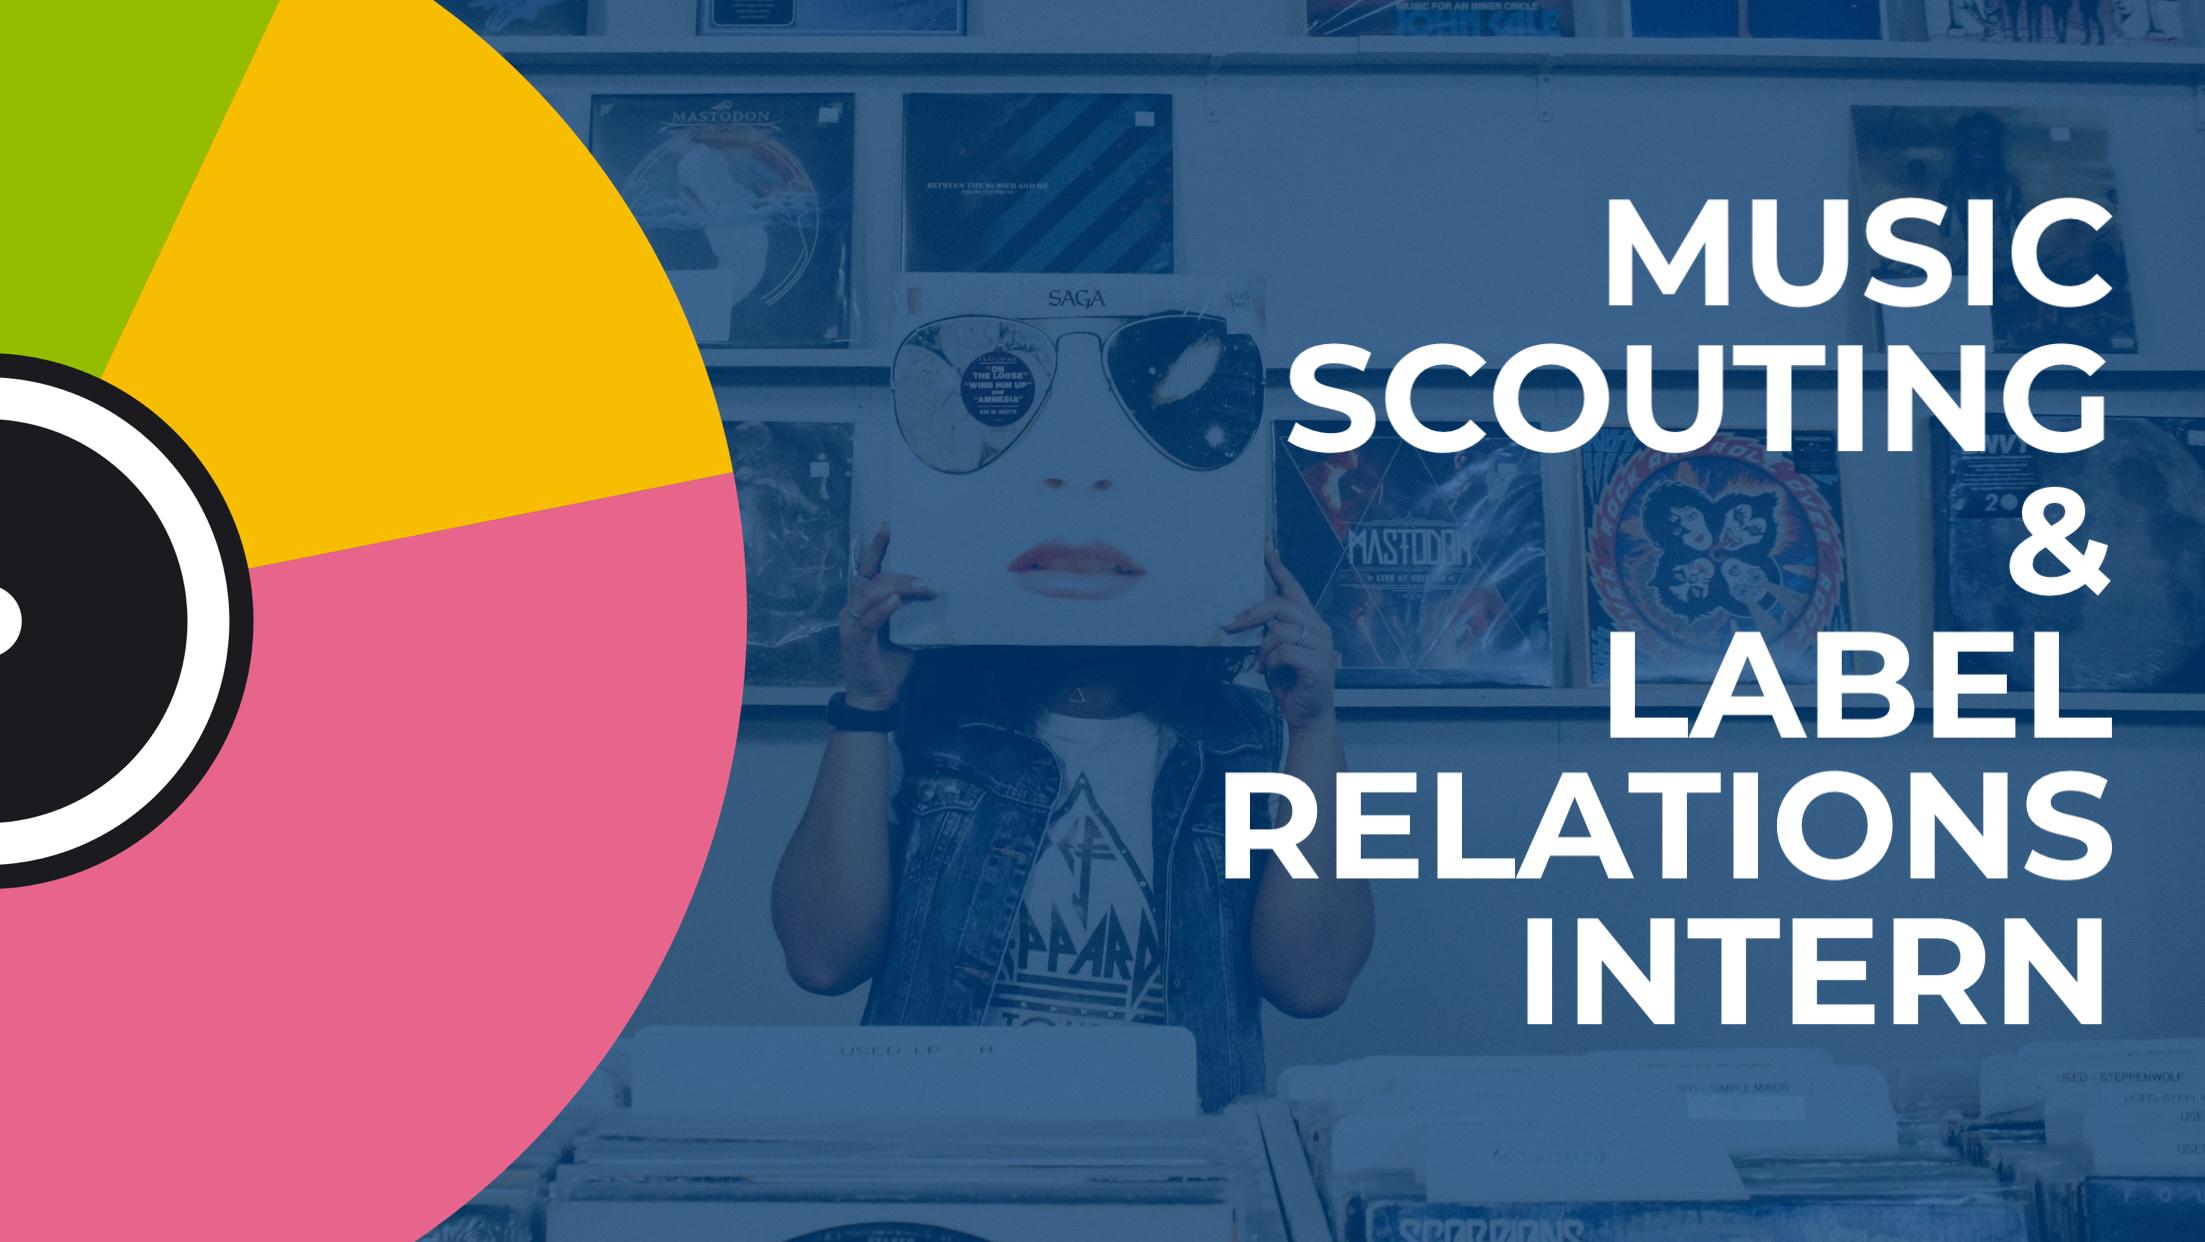 music scout internship Berlin banner